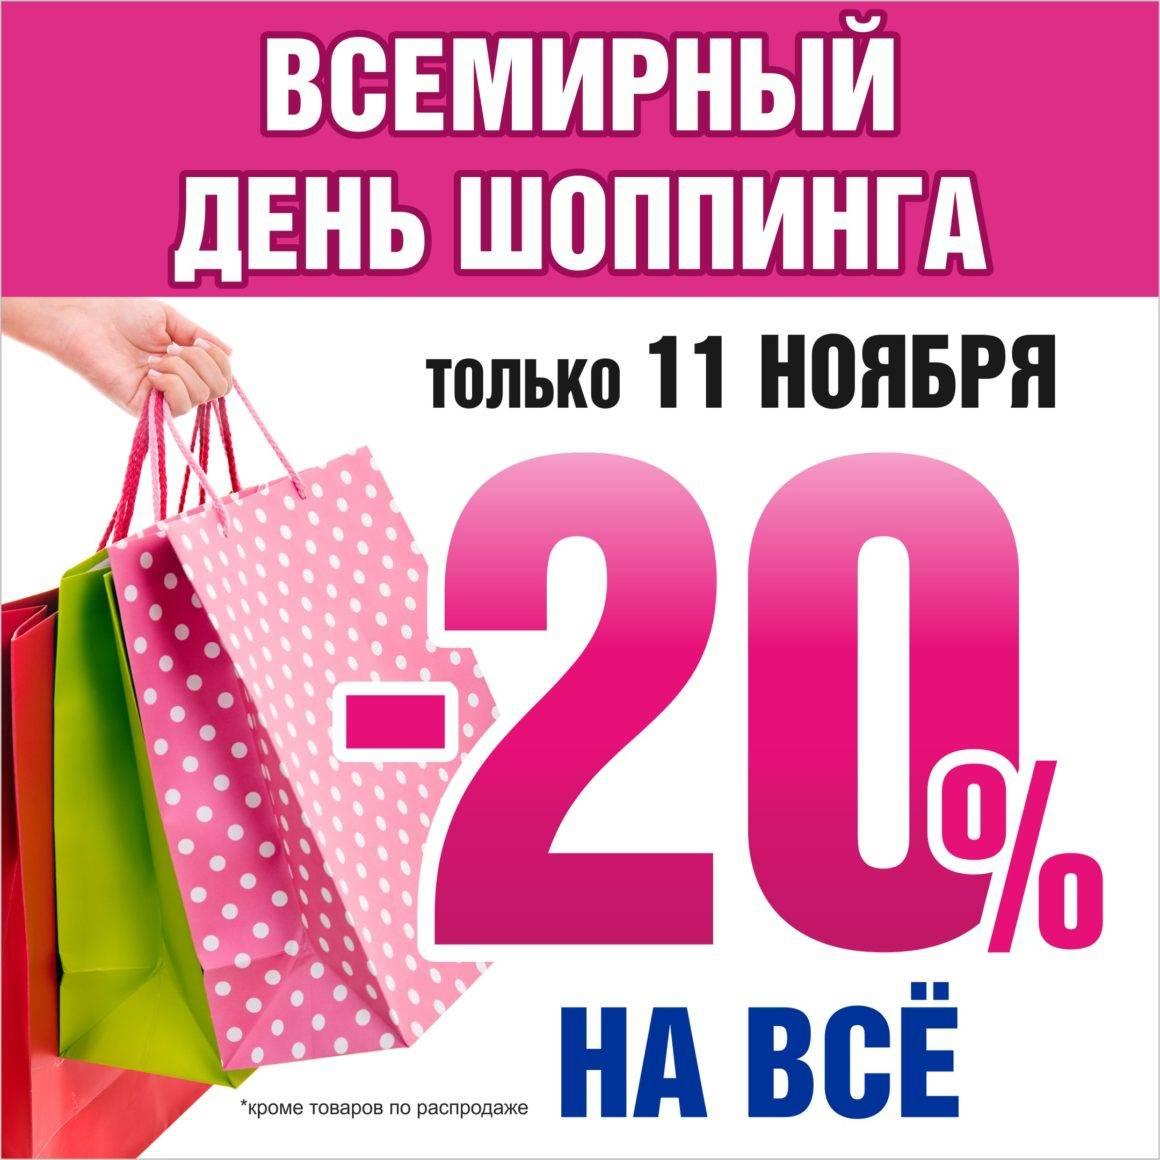 Организация эффективного шоппинга в Берлине